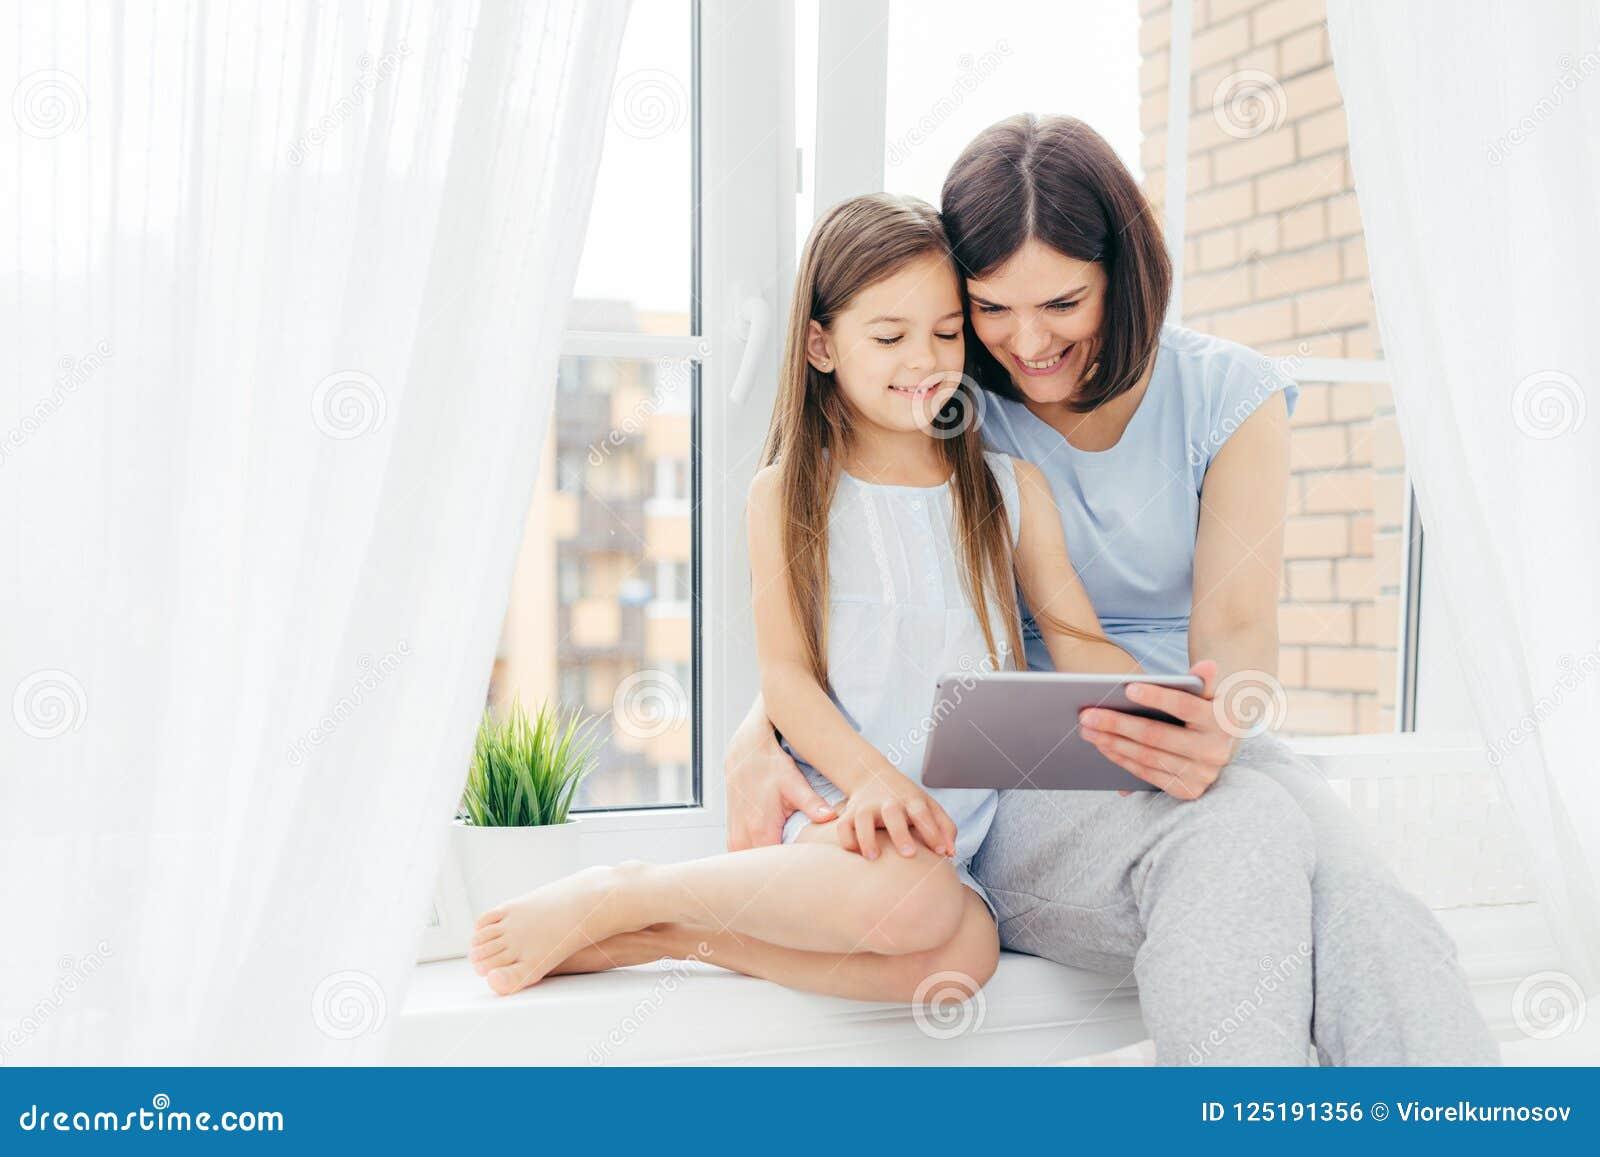 Leute, Technologie, Familie, Kinderkonzept Positive junge andere und ihre kleine Tochter auf Fensterbrett, digitale Tablette des